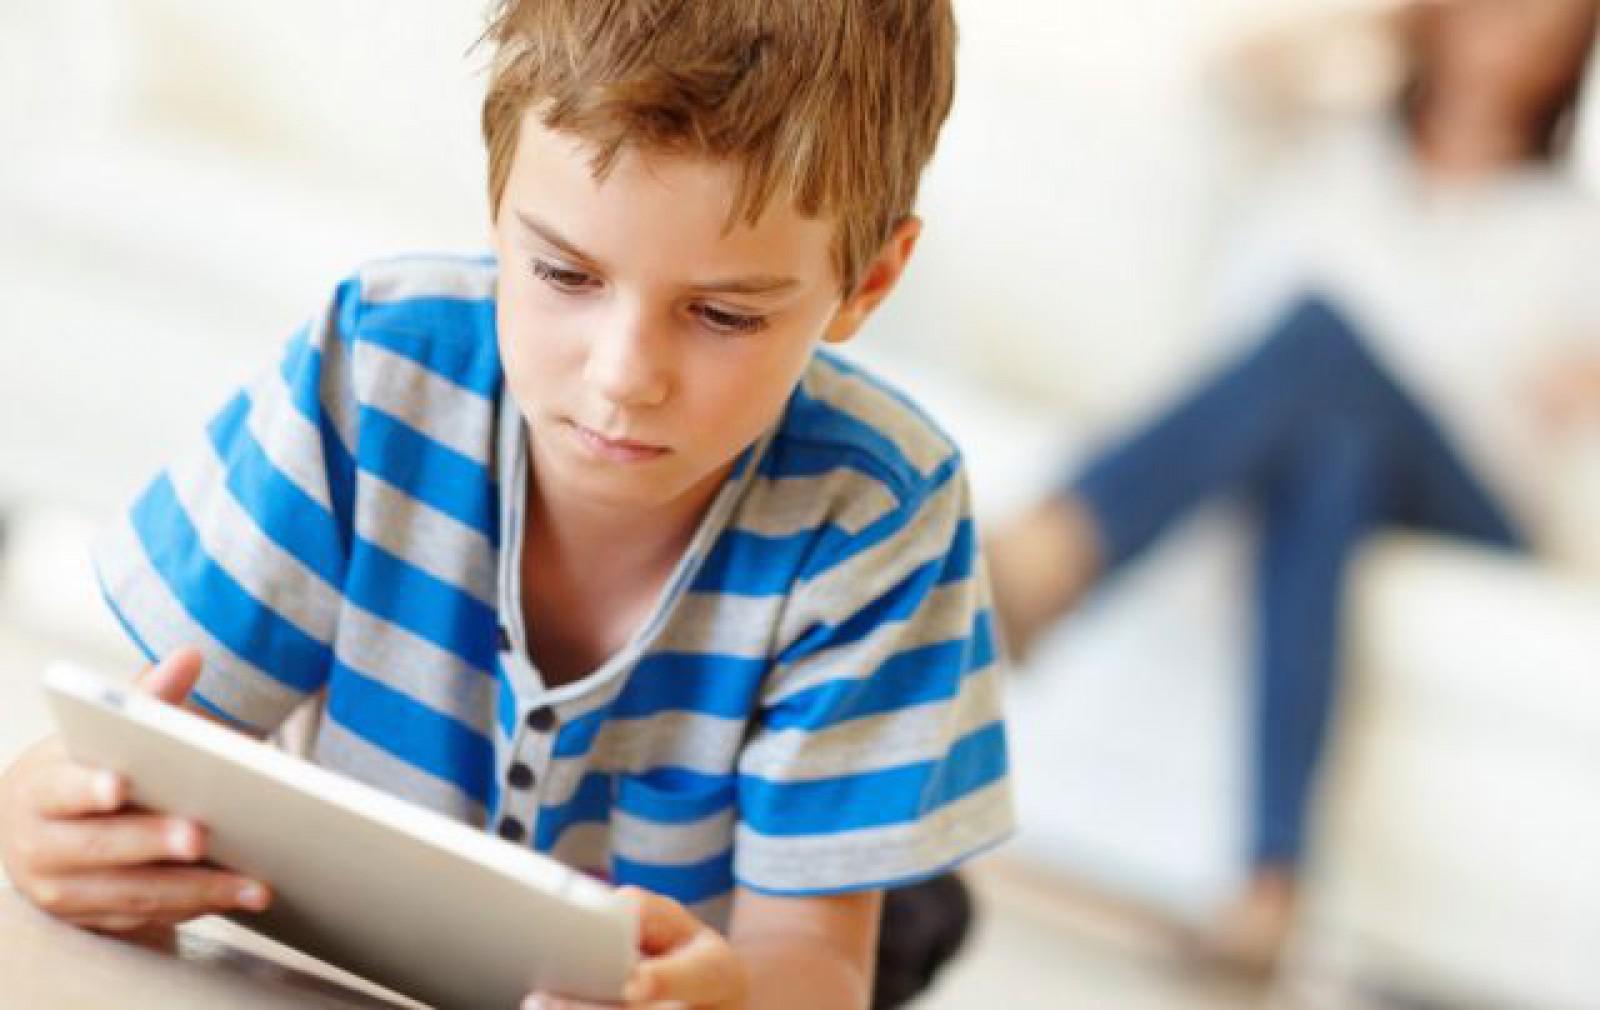 Psihologi: Fără telefon, tabletă, laptop până la 3 ani. Copiii trebuie să folosească Facebook de la 13 ani încolo